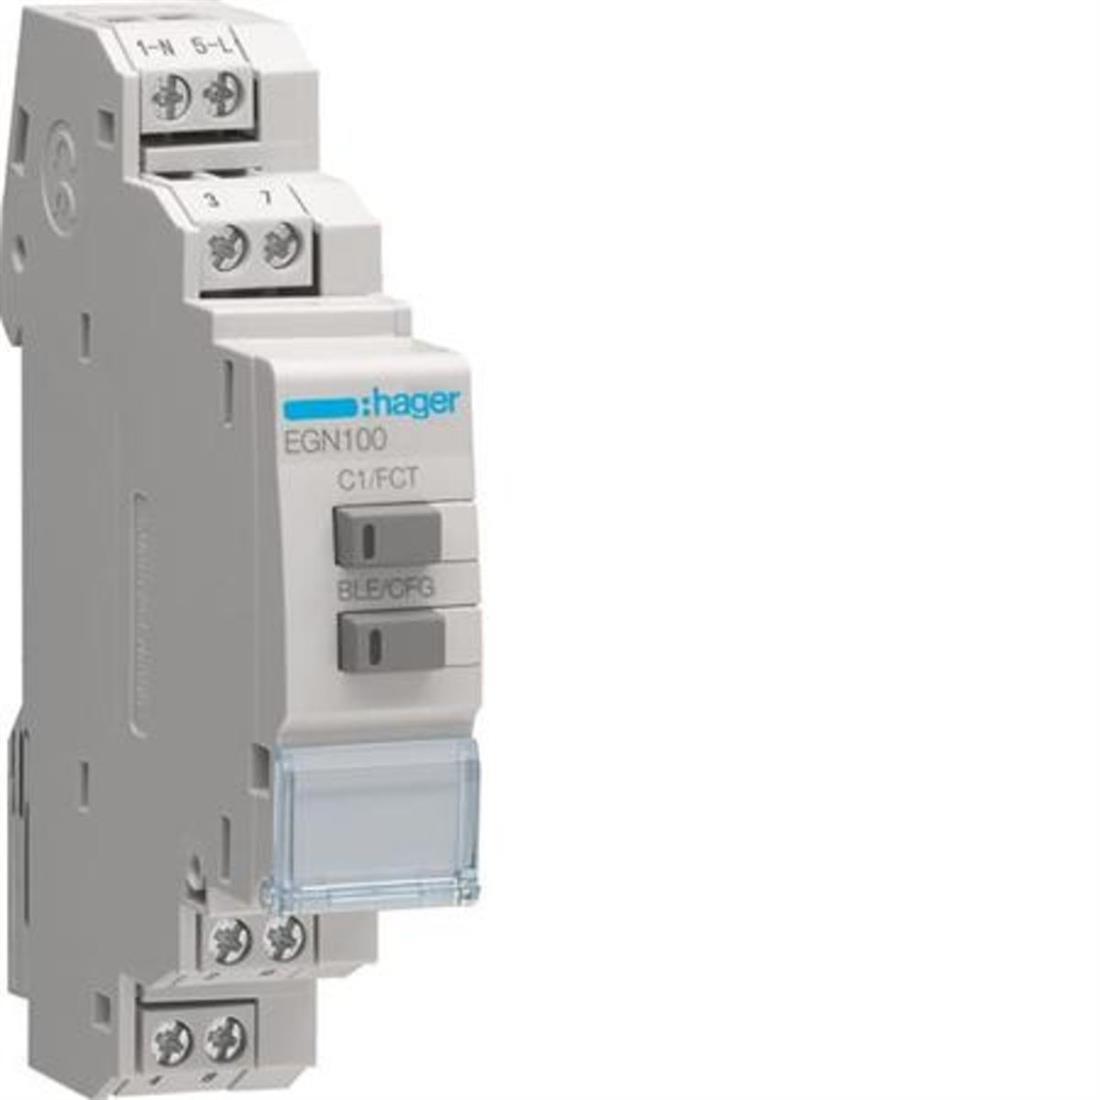 Hager digitale schakelklok multifunctioneel met bluetooth (EGN100)